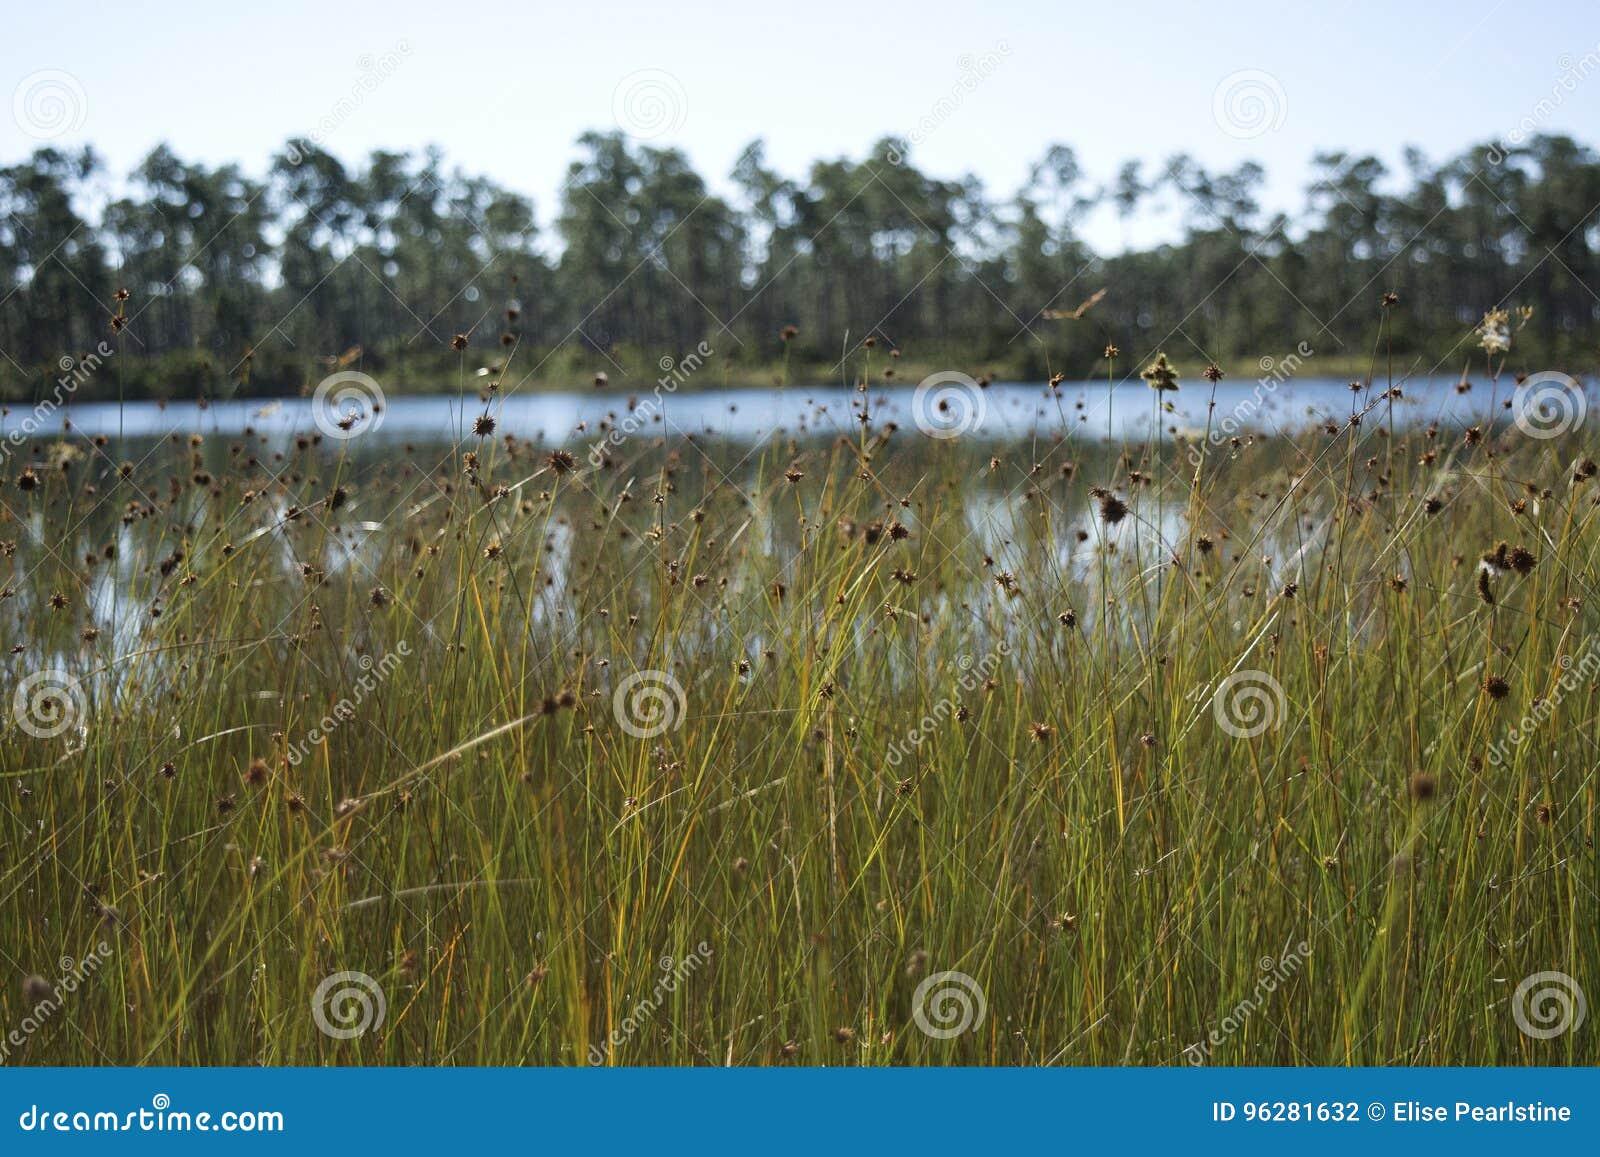 Spikerush łąka w błota parka narodowego bagna z sosen dragonflies i kwiatami